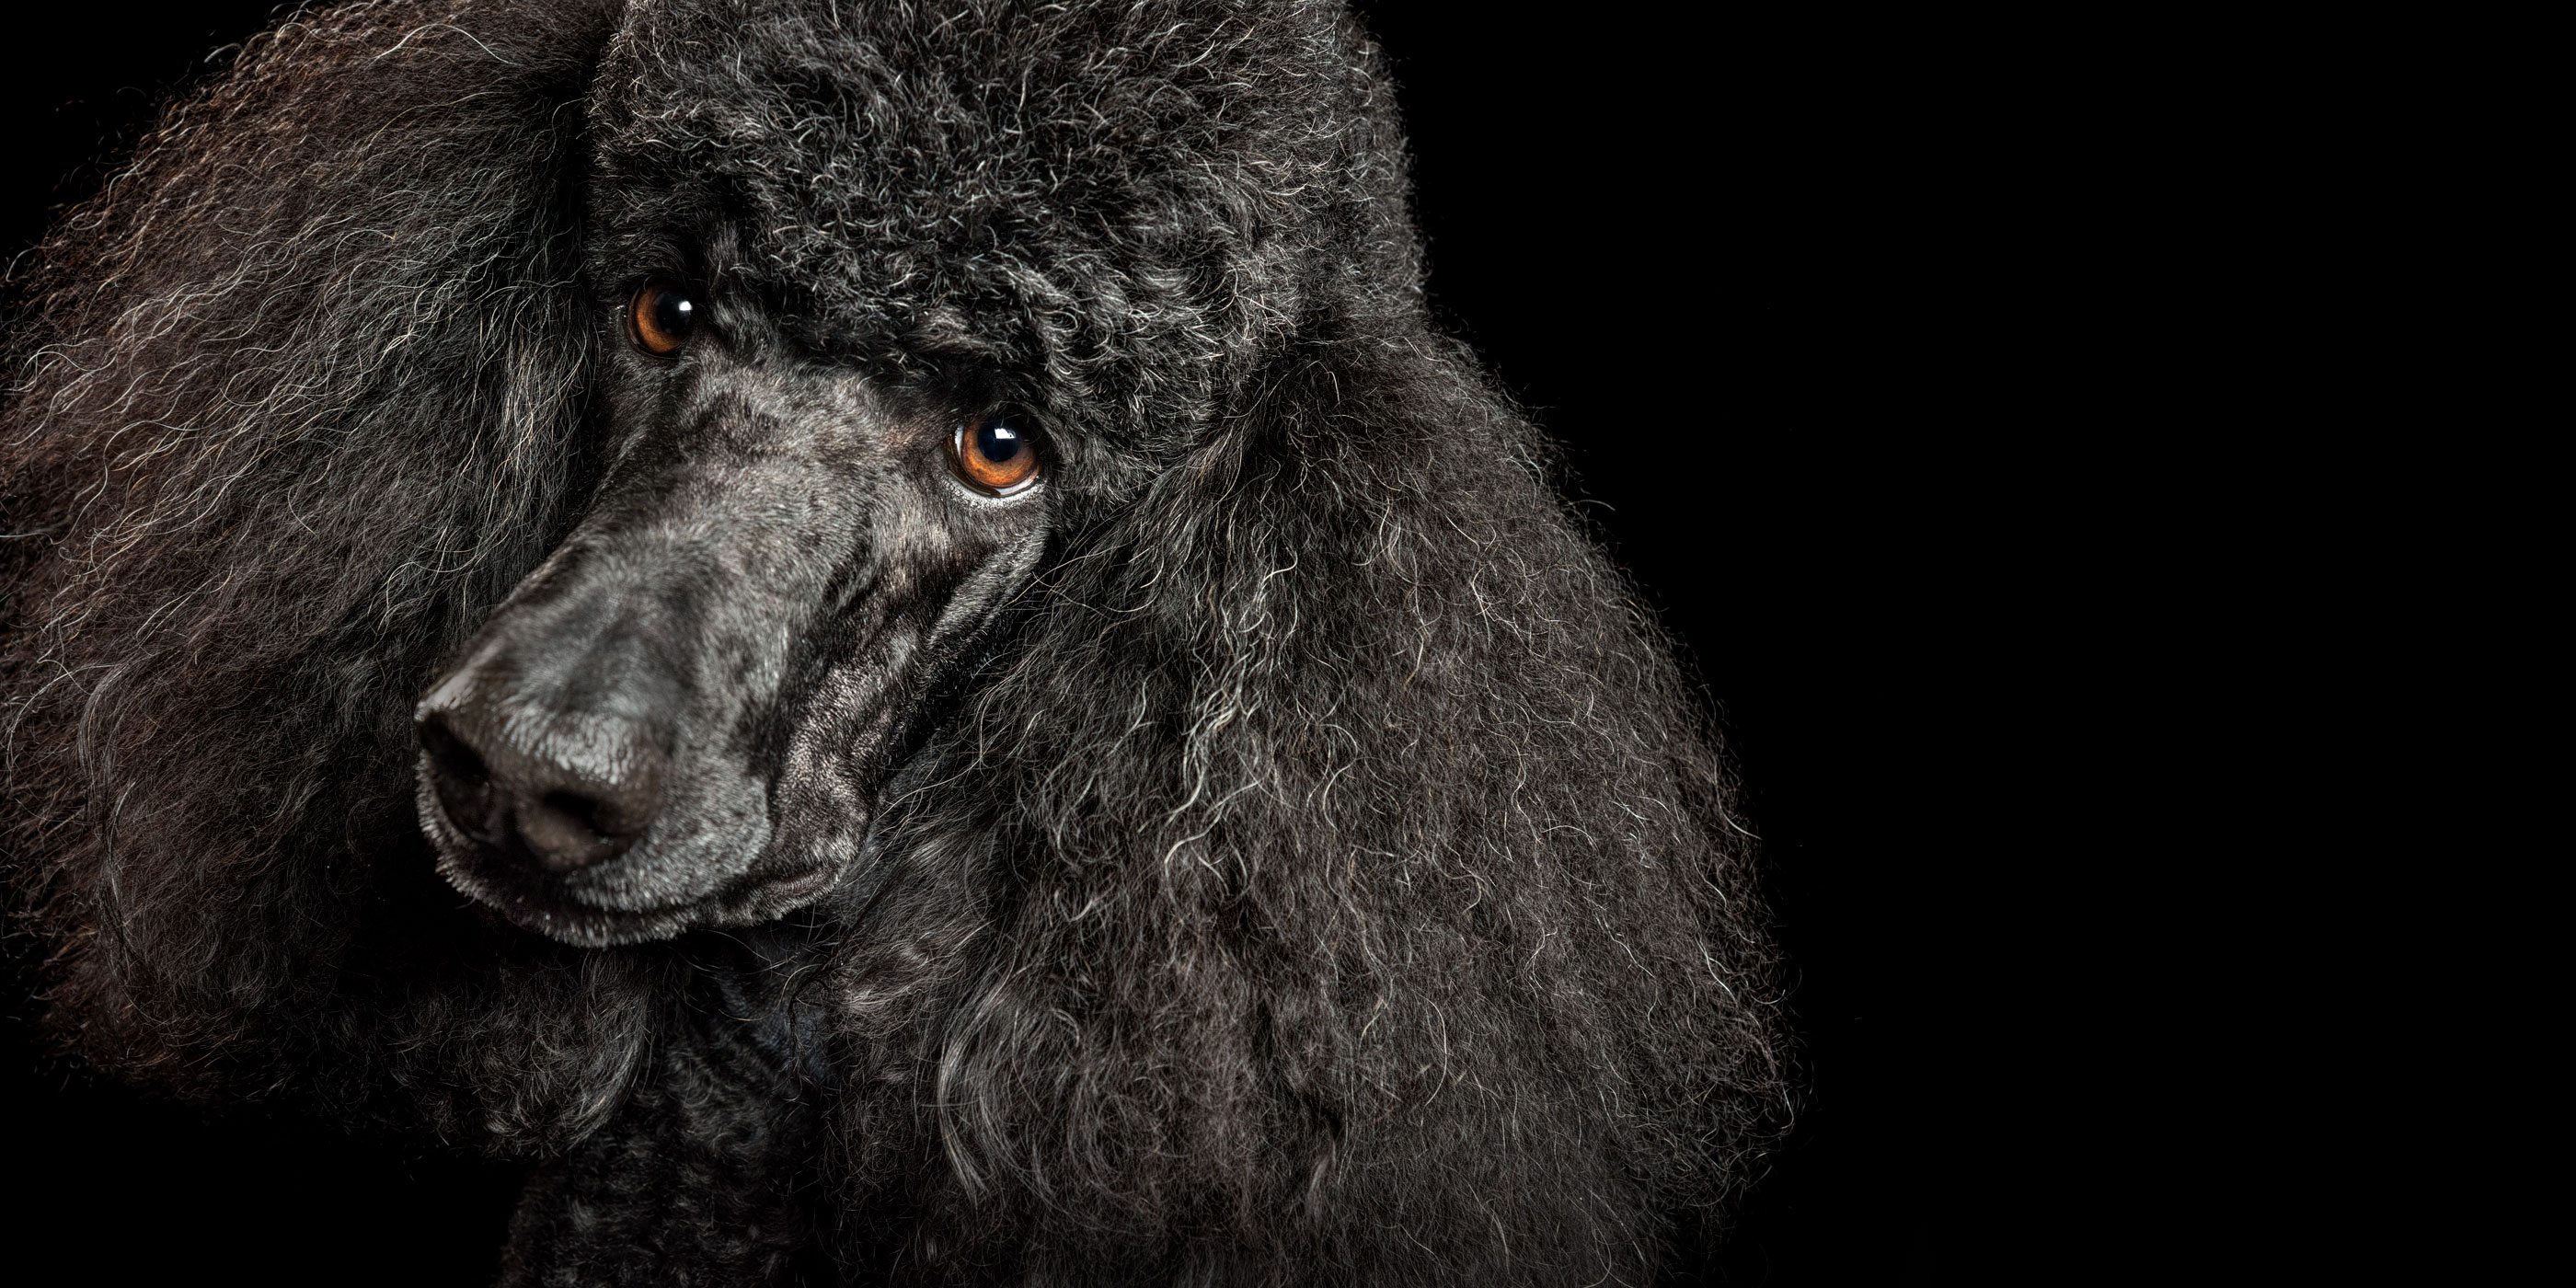 face close up poodle